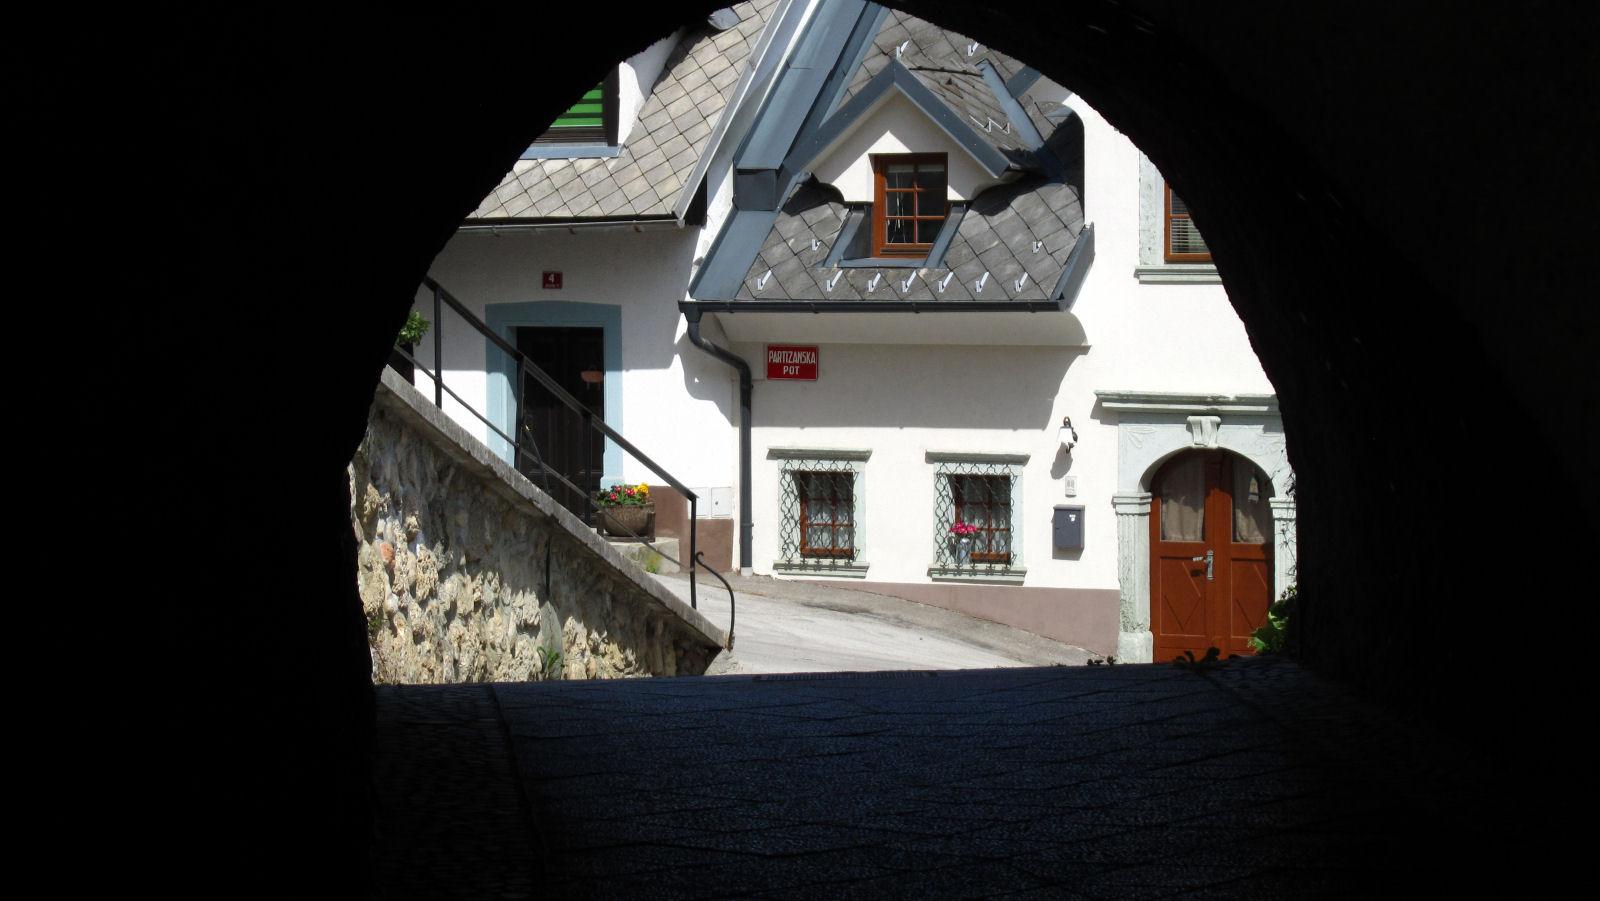 radovljica-medieval-old-town-8460